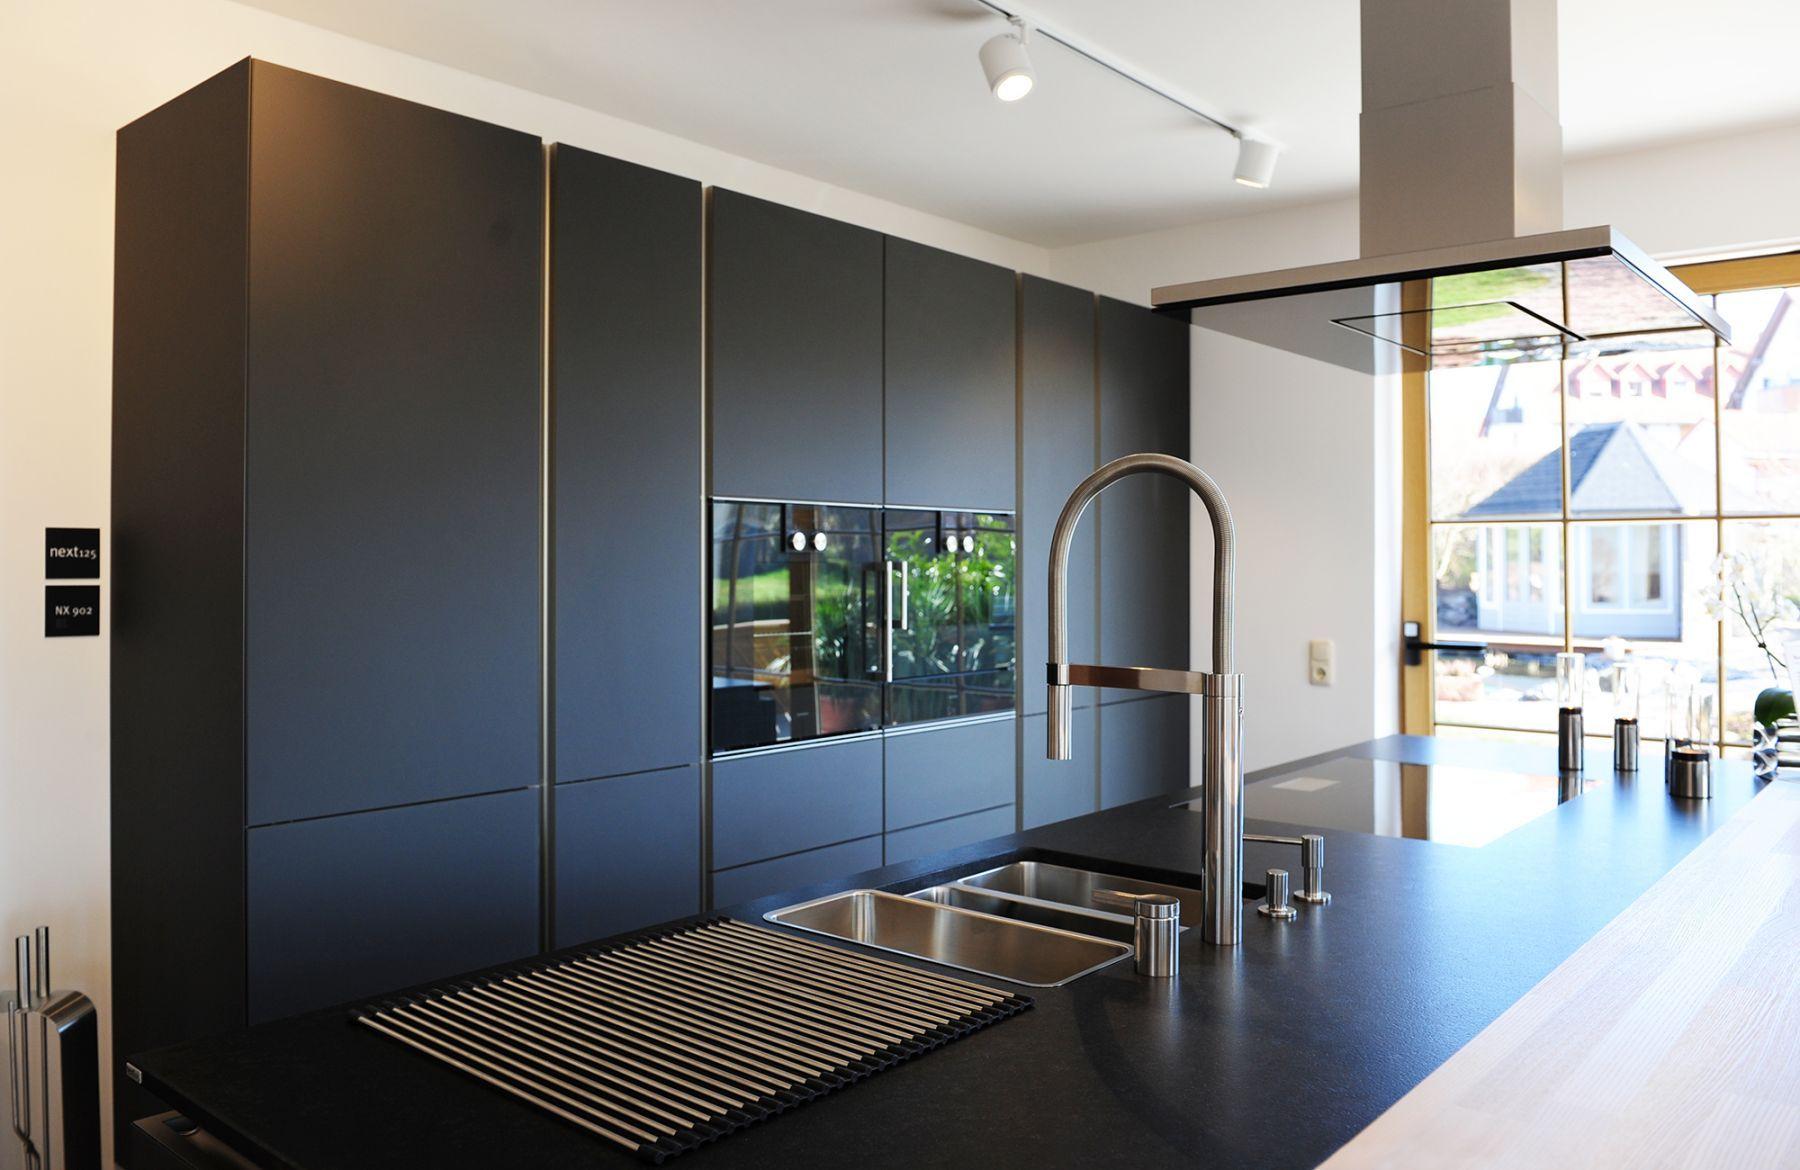 moderne strategien f r stauraum f r ihre k cheneinrichtung. Black Bedroom Furniture Sets. Home Design Ideas